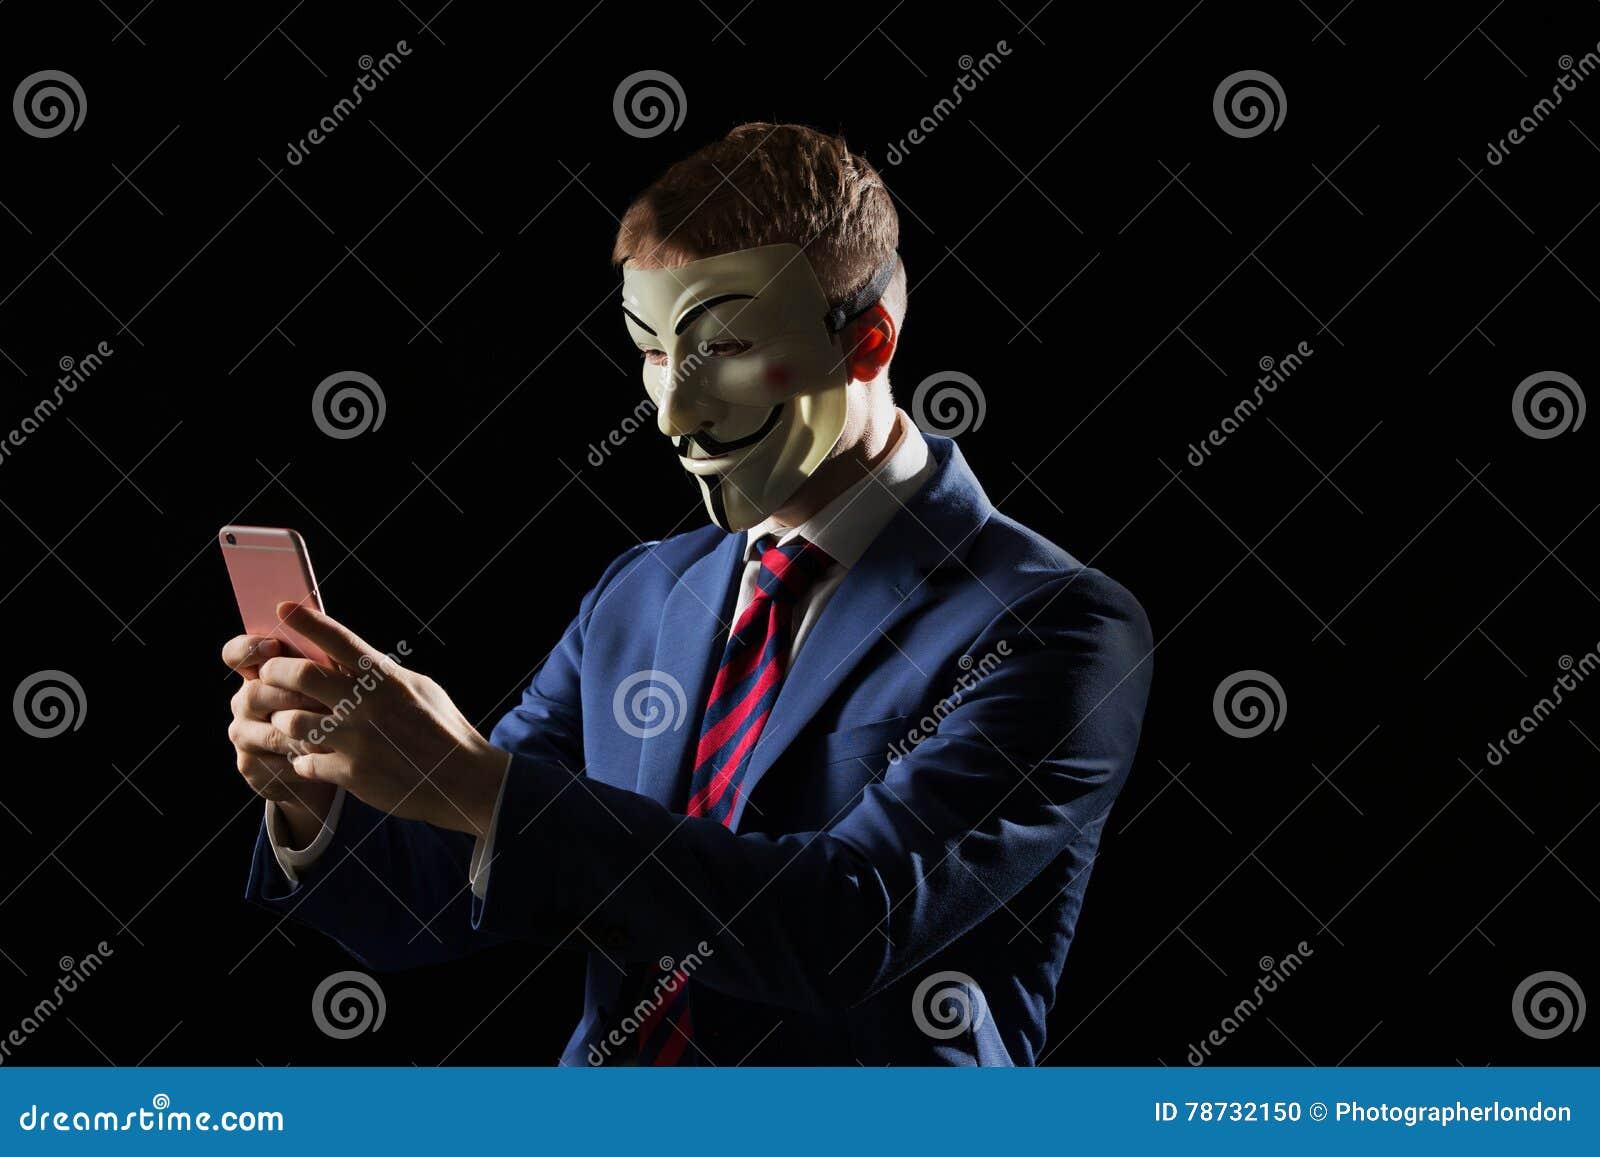 Affärsman under maskeringsförklädnaden som är anonym och antyder att han är en en hacker eller en anarkist